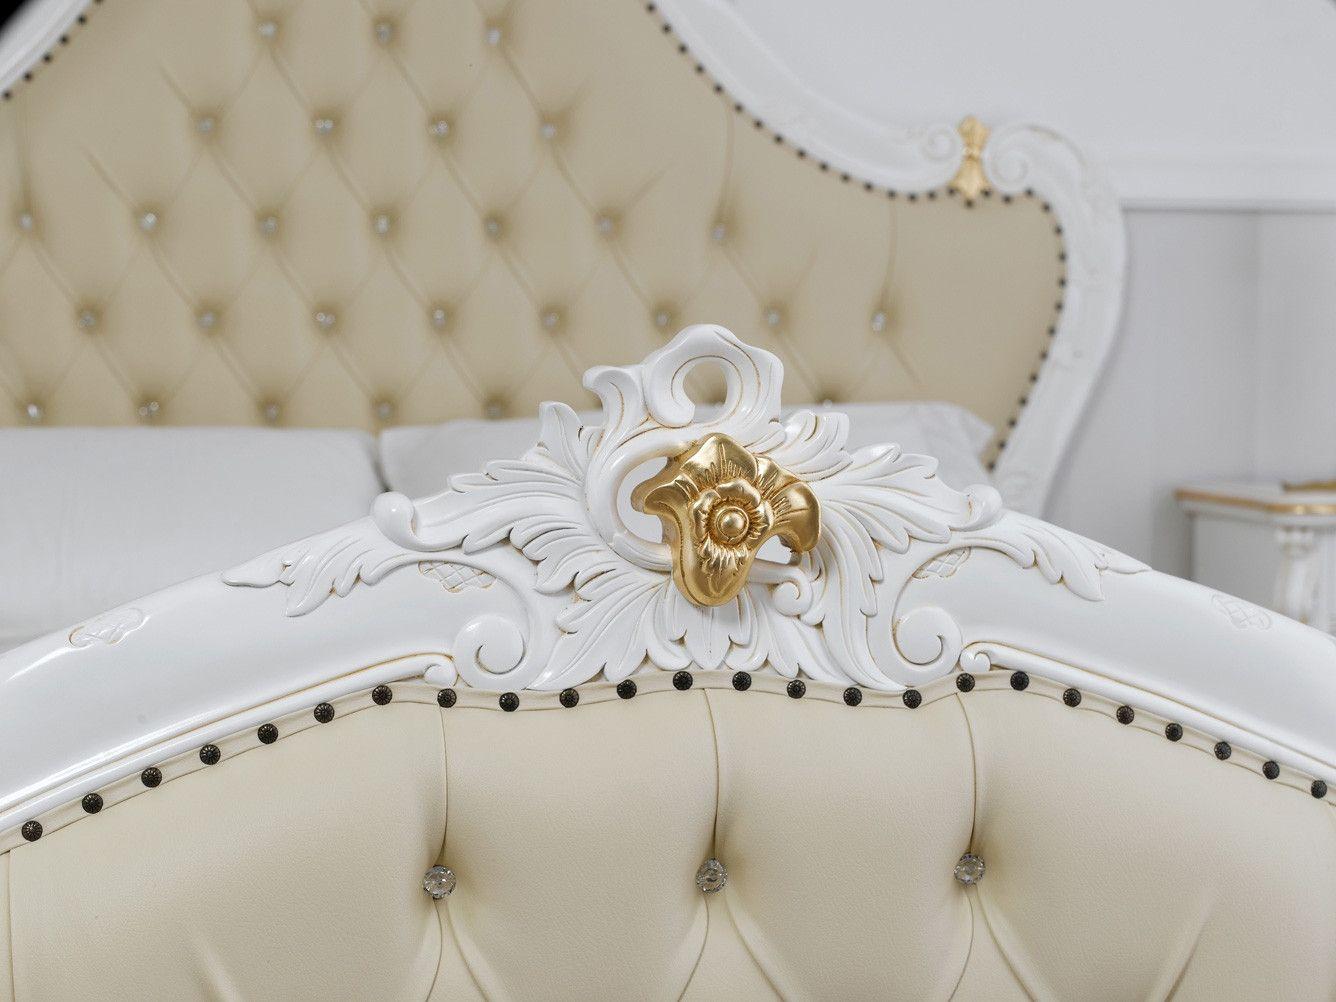 Letto matrimoniale Bryanna stile Barocco Decape avorio e ...